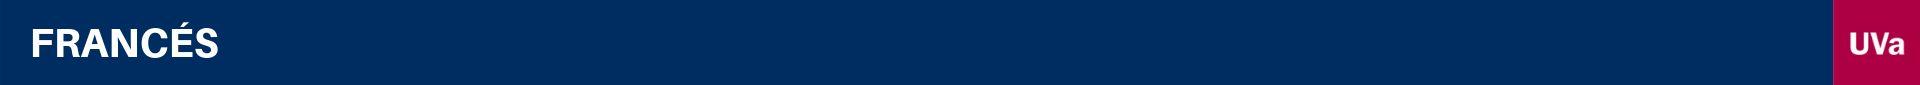 Francés banner cursos web